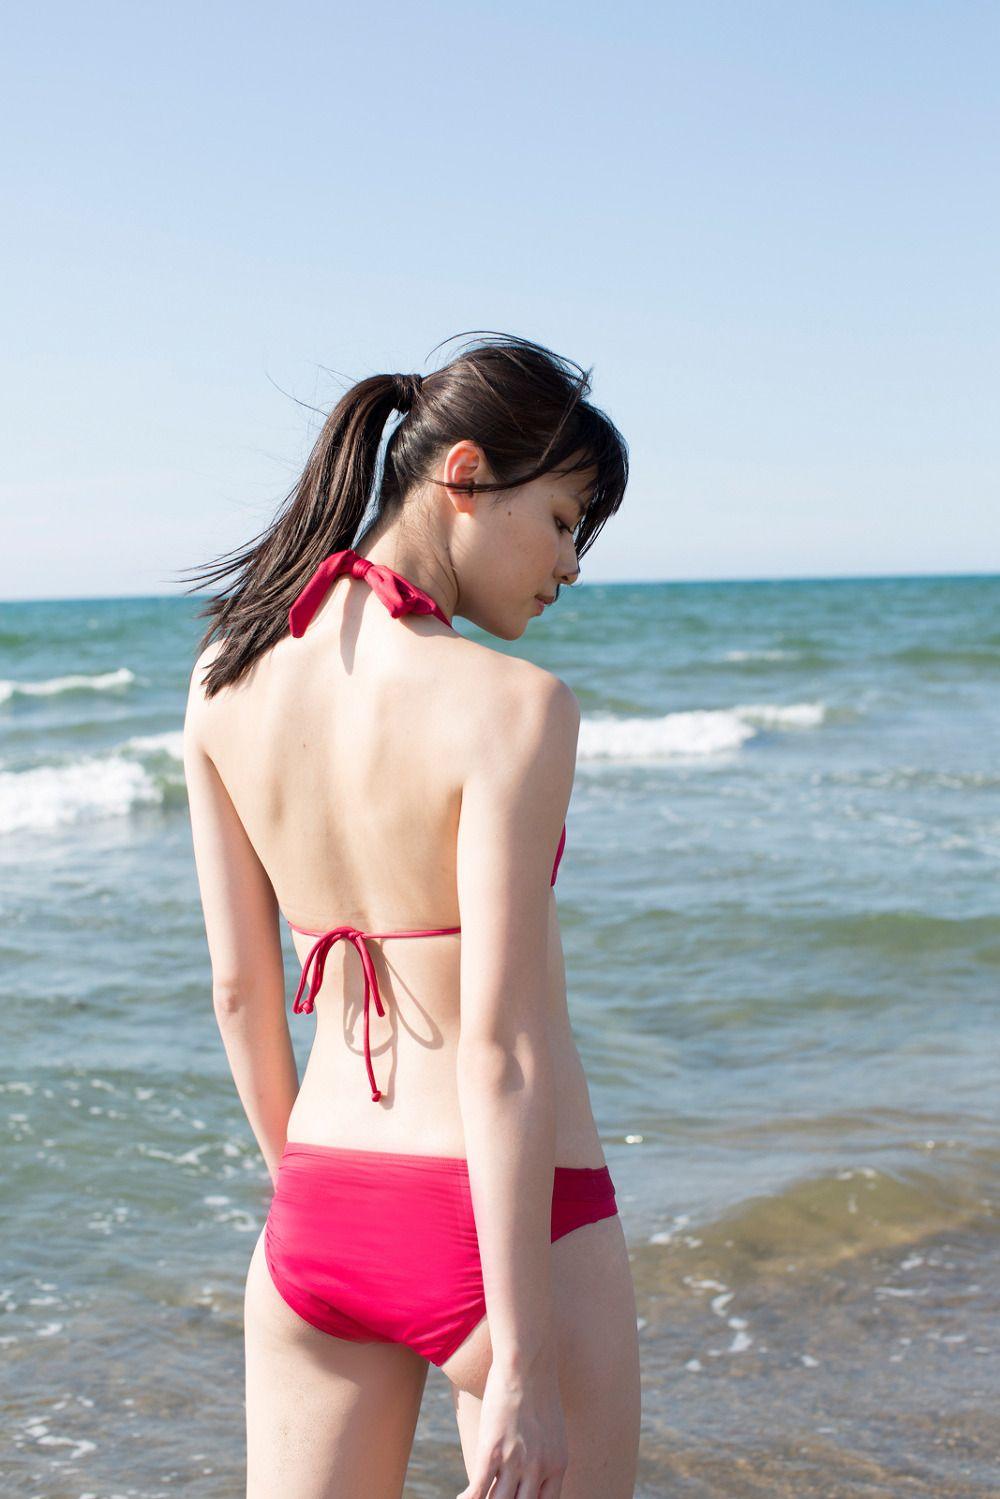 矢島舞美高画質水着画像 | NEWSグラビアアイドル.net | 矢島舞美 | 水着, アイドル, グラビアアイドル